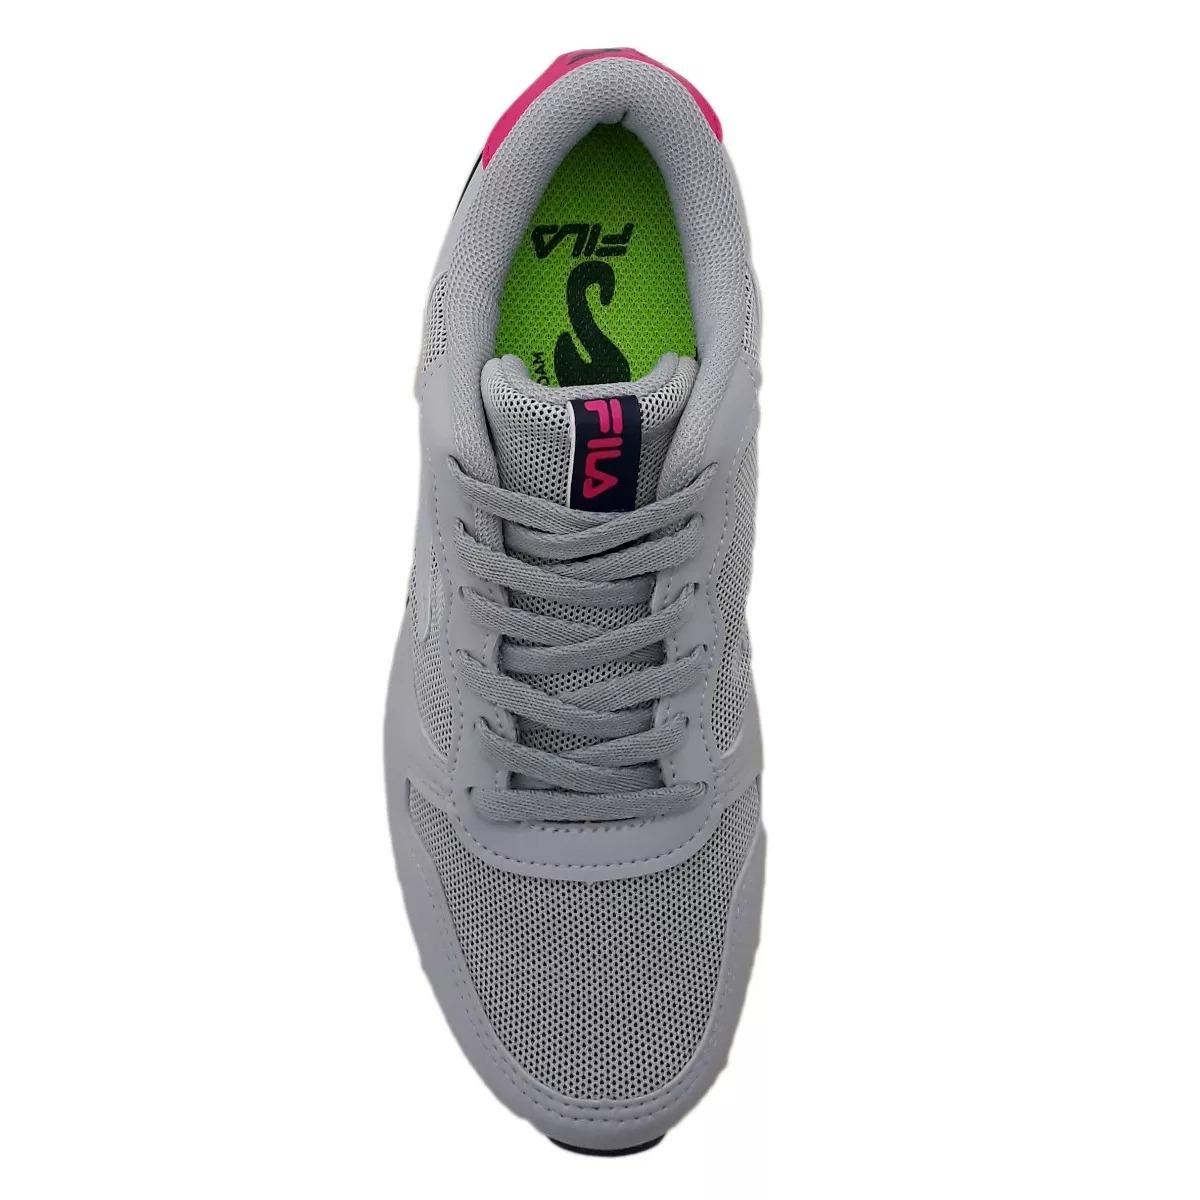 b67e57974f2 Carregando zoom... tênis fila feminino euro jogger sport 802952 cinza  marinho